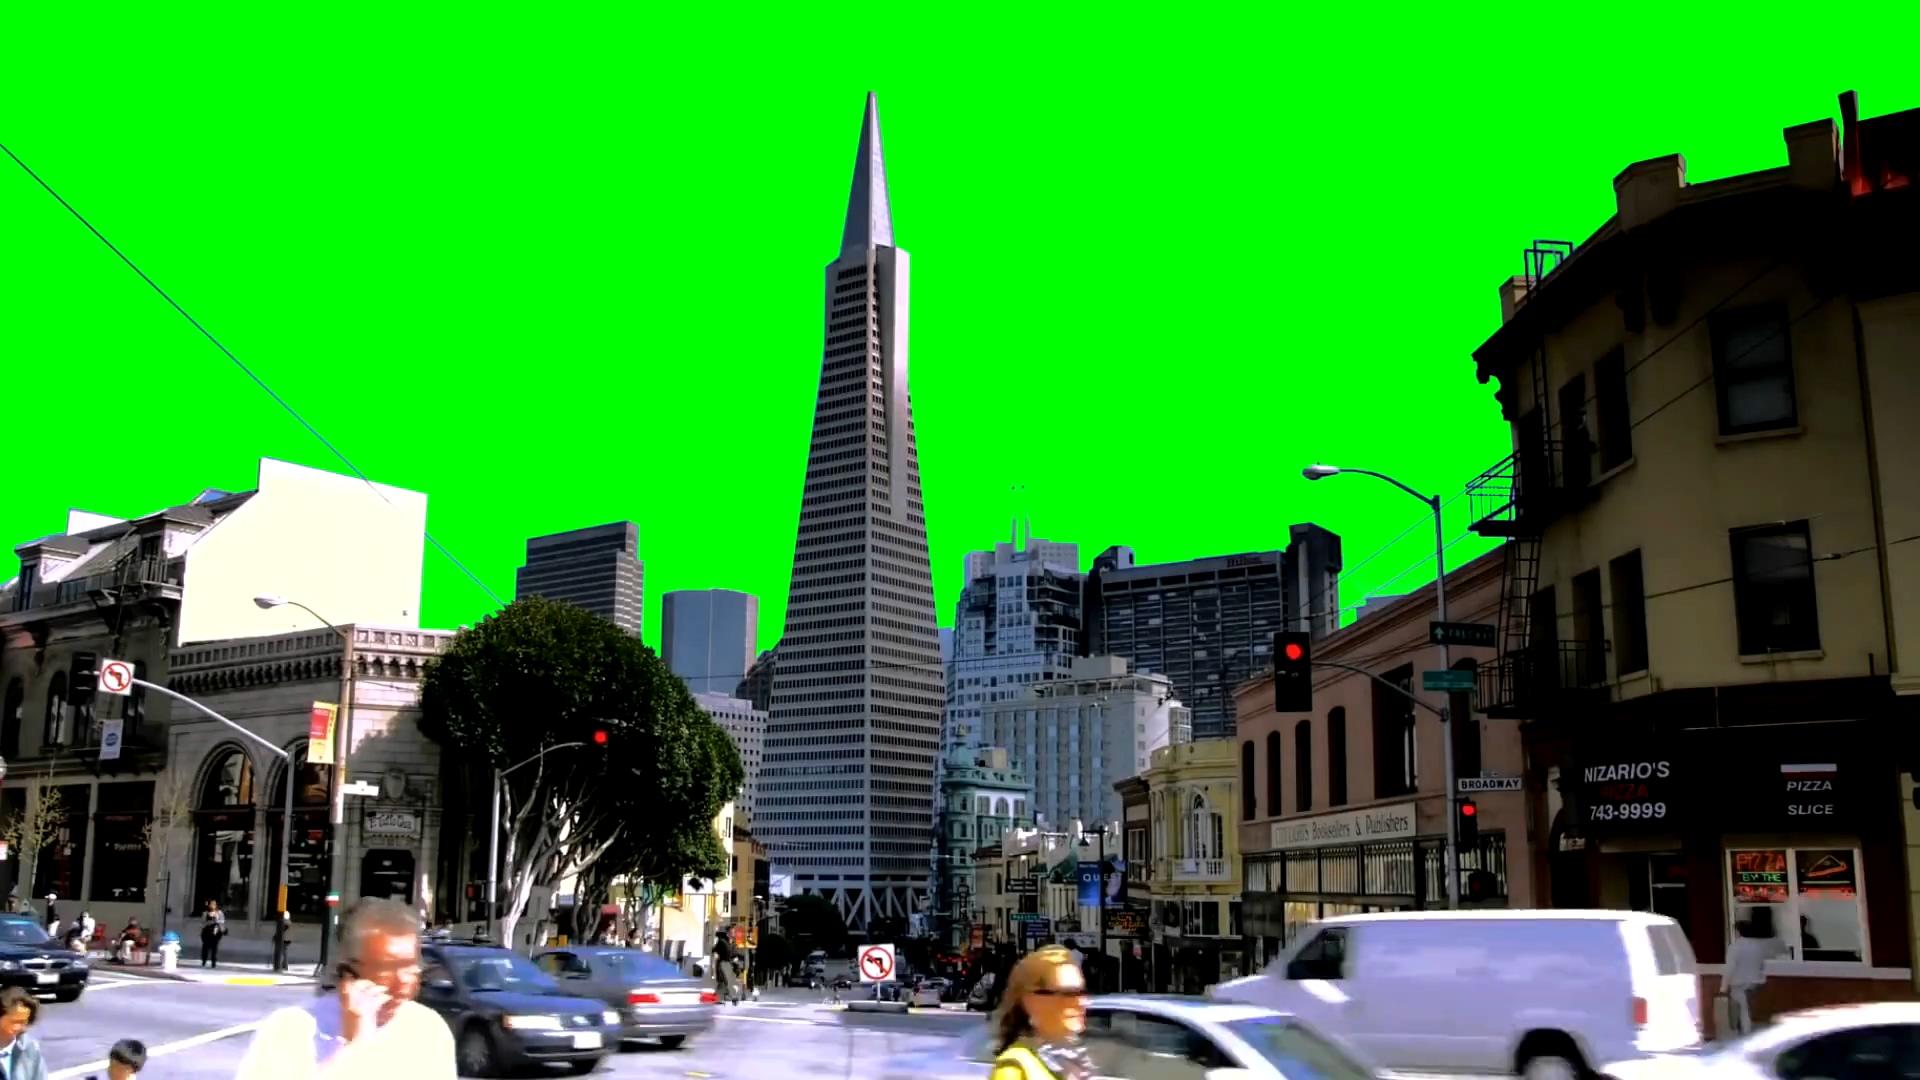 绿屏抠像车辆人群涌动的城市